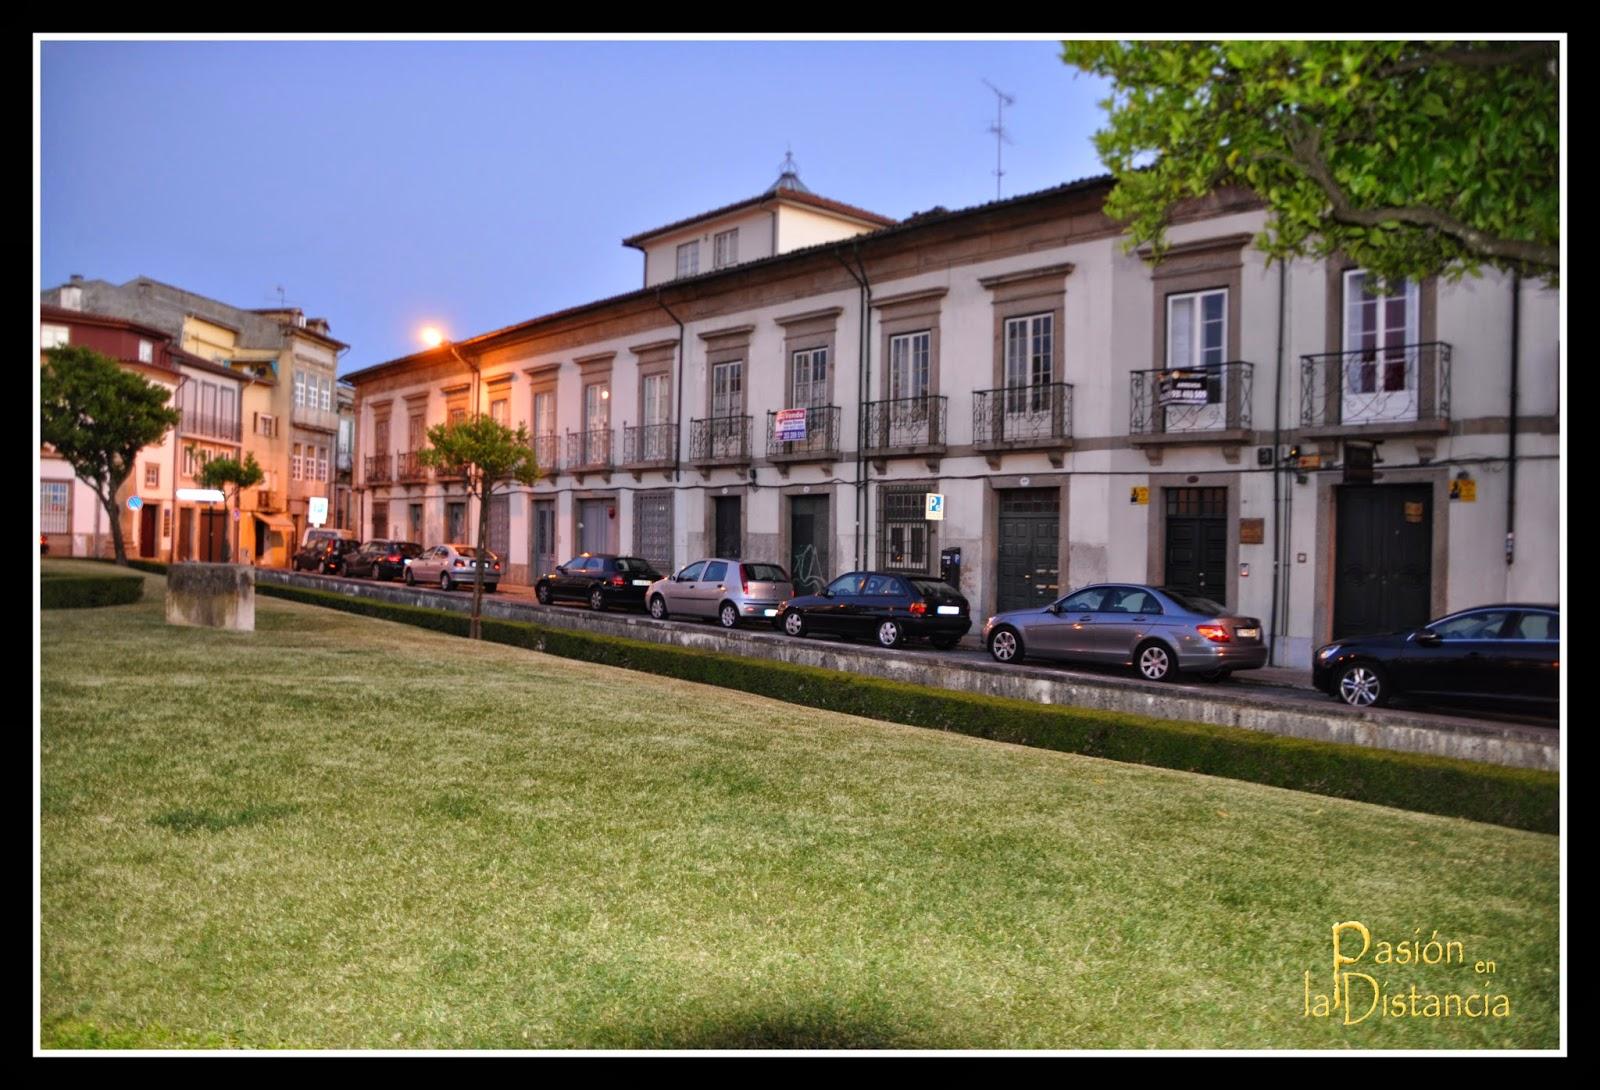 Praça_Mouzinho_de_Albuquerque_Braga_Campo_Novo